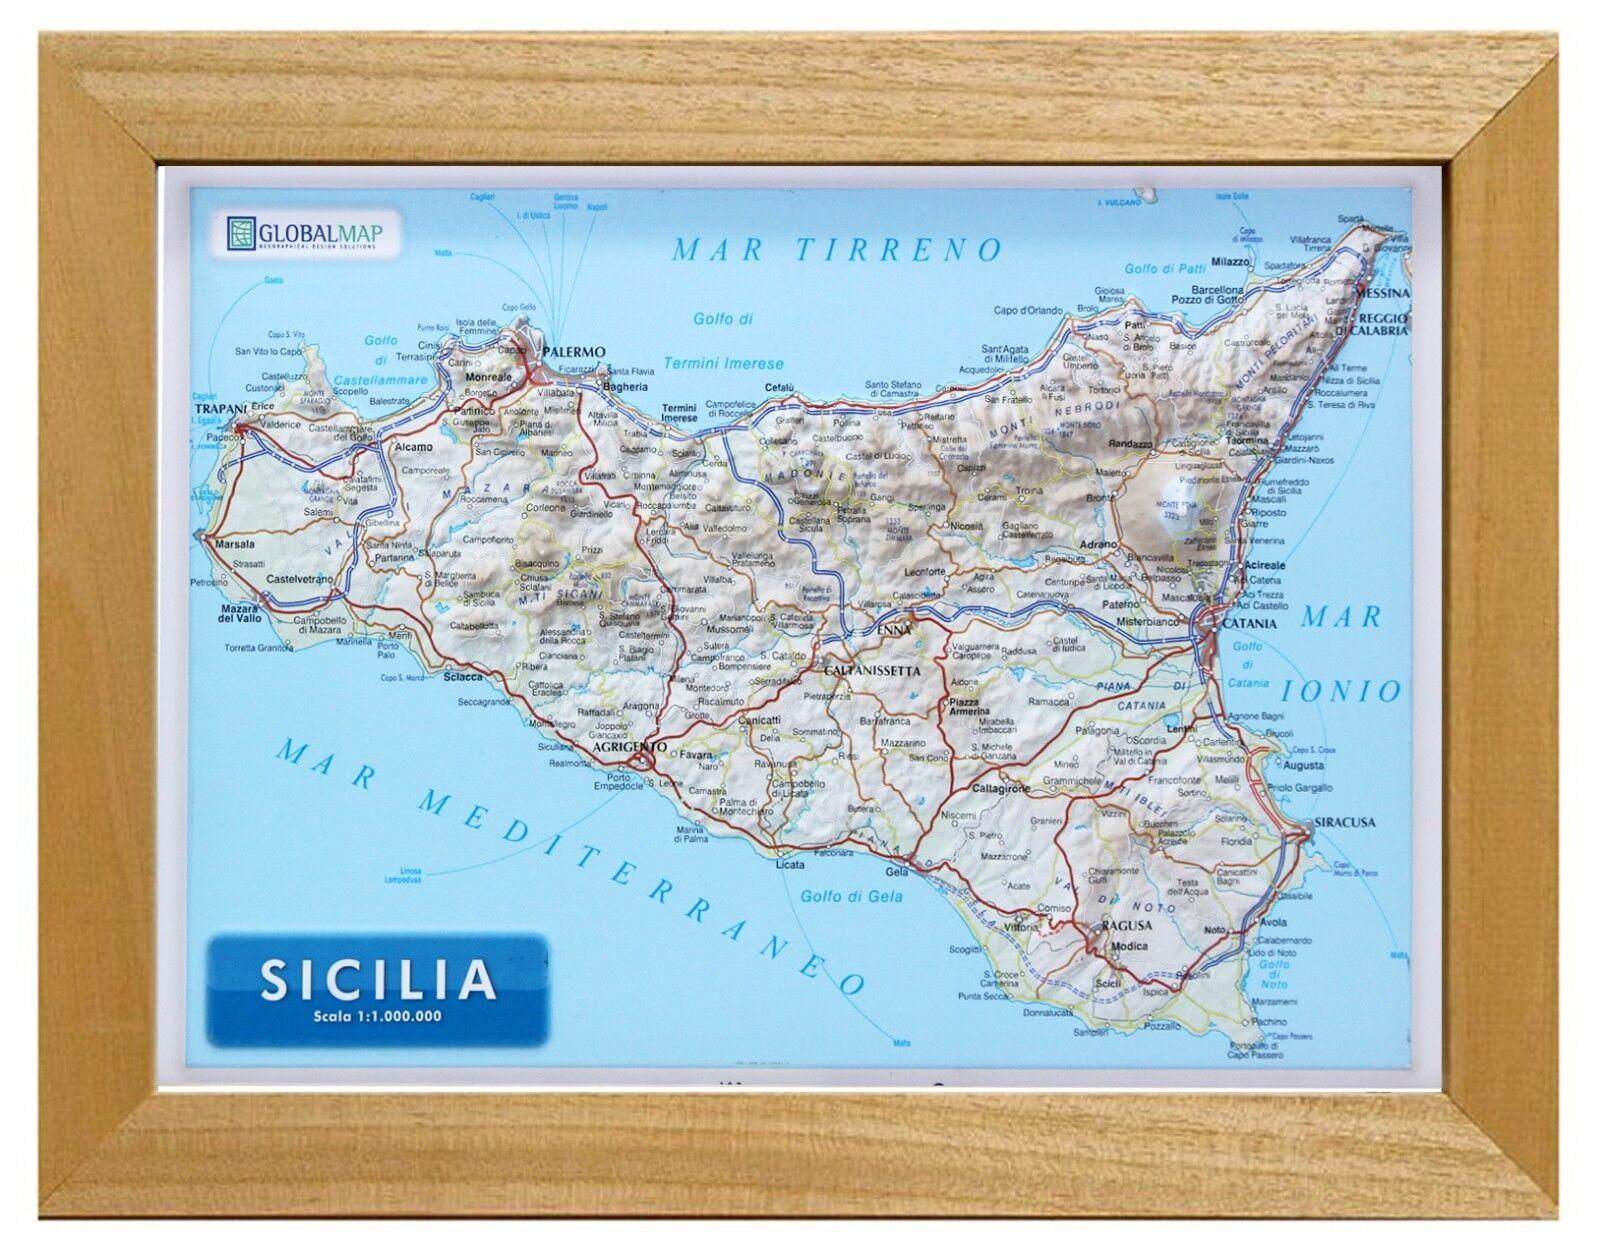 Cartina Mappa Sicilia.Sicilia Carta In Rilievo 21x30 Cm Con Cornice In Legno Cartina Mappa Ebay